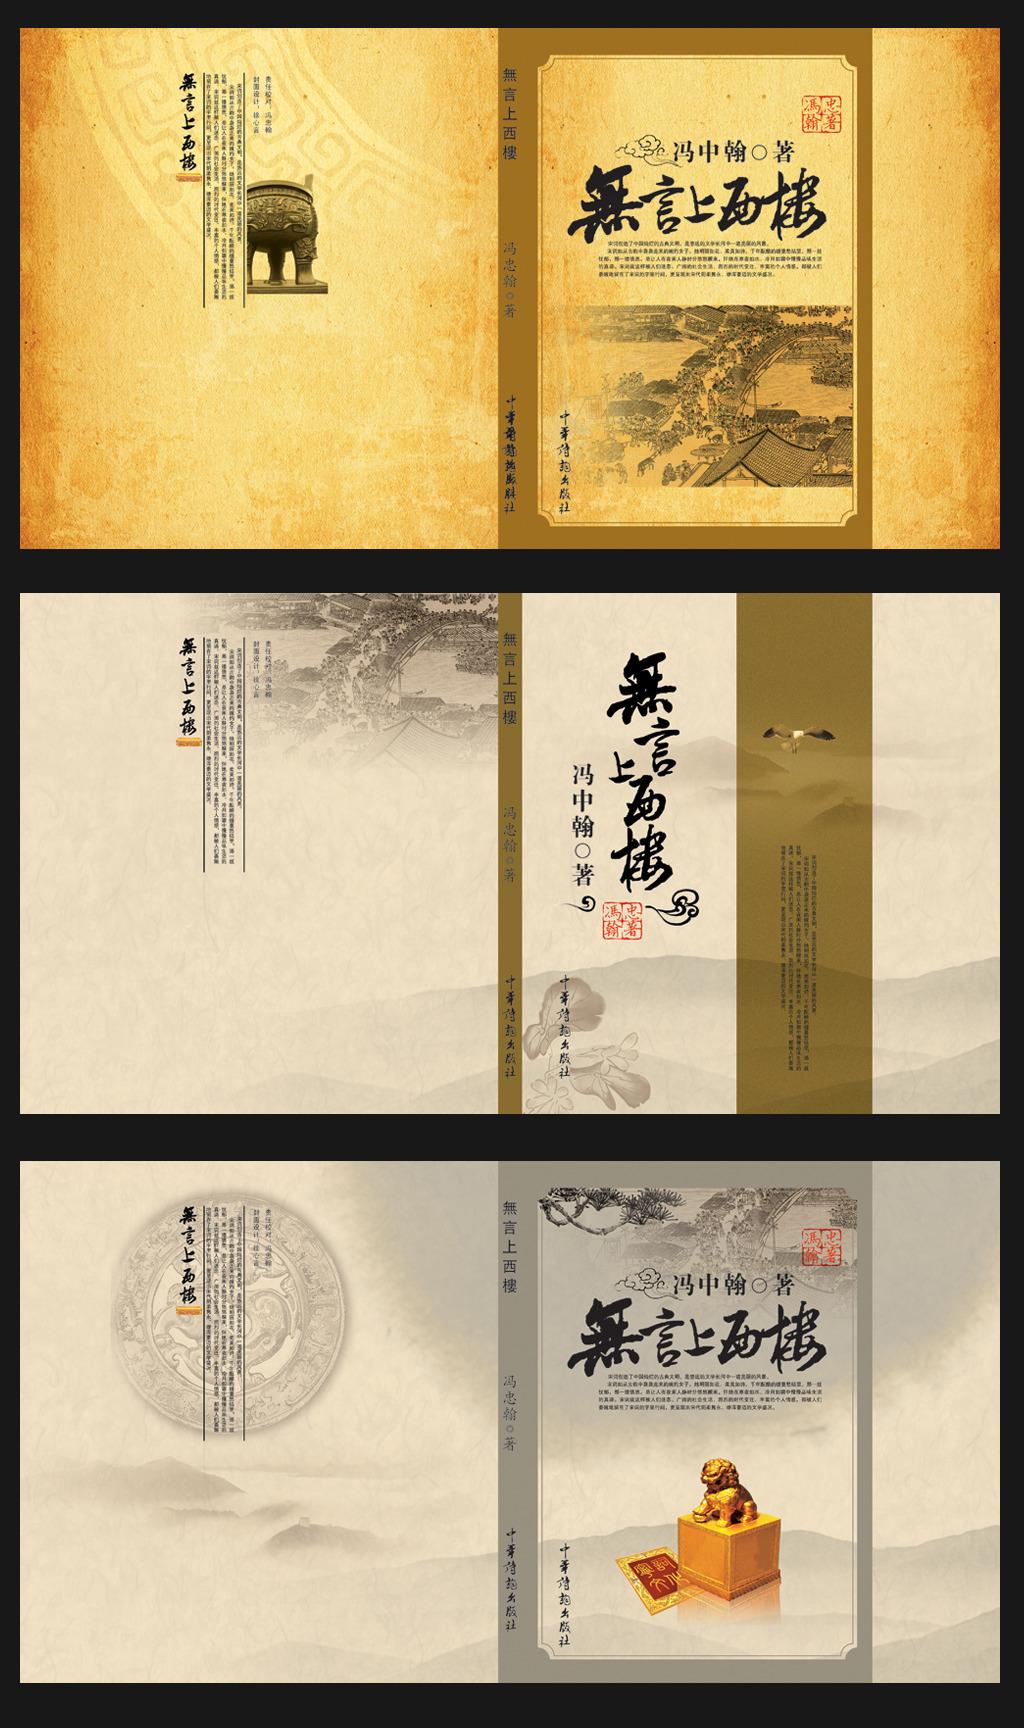 古典诗词书籍封面设计图片